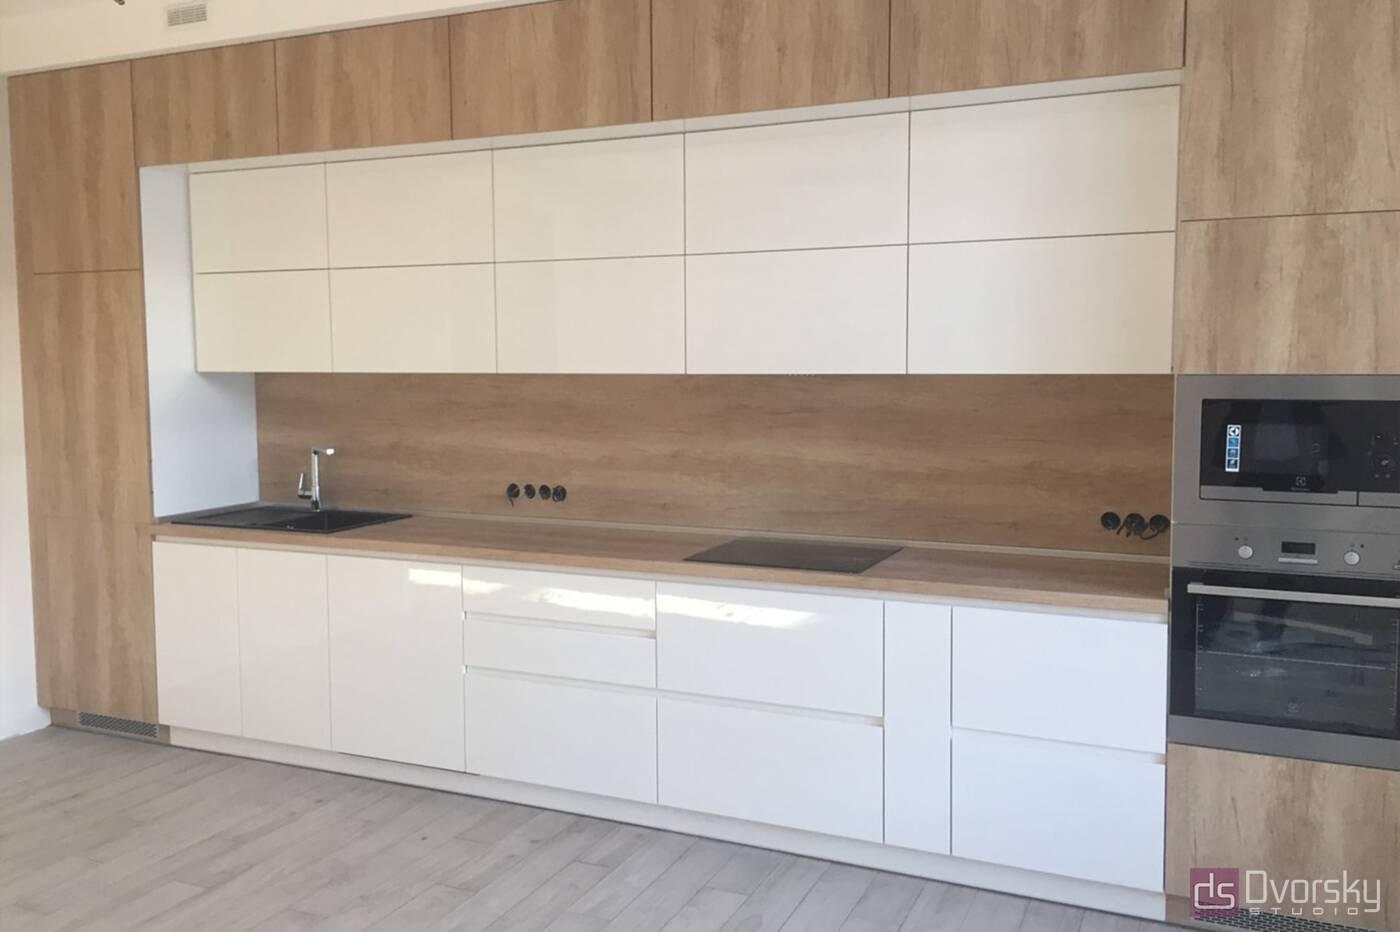 Прямые кухни Кухня Blum белая - Фото № 2